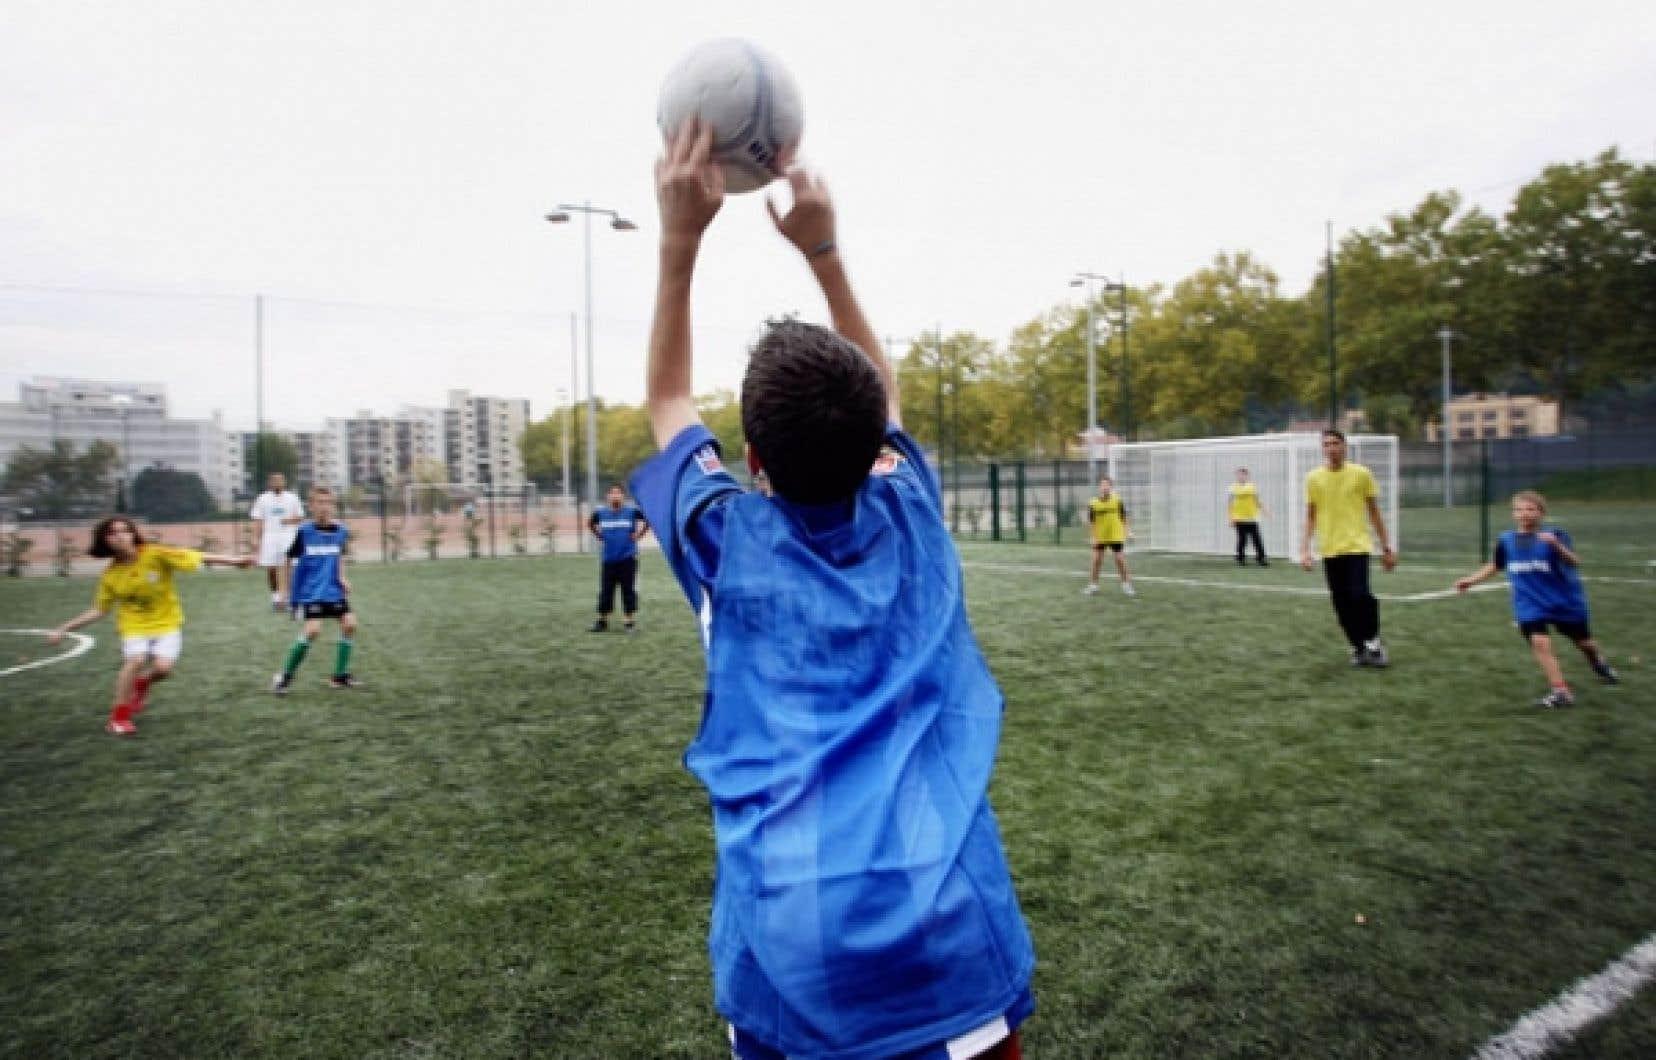 L'enquête a permis de constater que seuls l'entraîneur et les coéquipiers semblaient avoir exercé une certaine influence sur la consommation des jeunes joueurs.